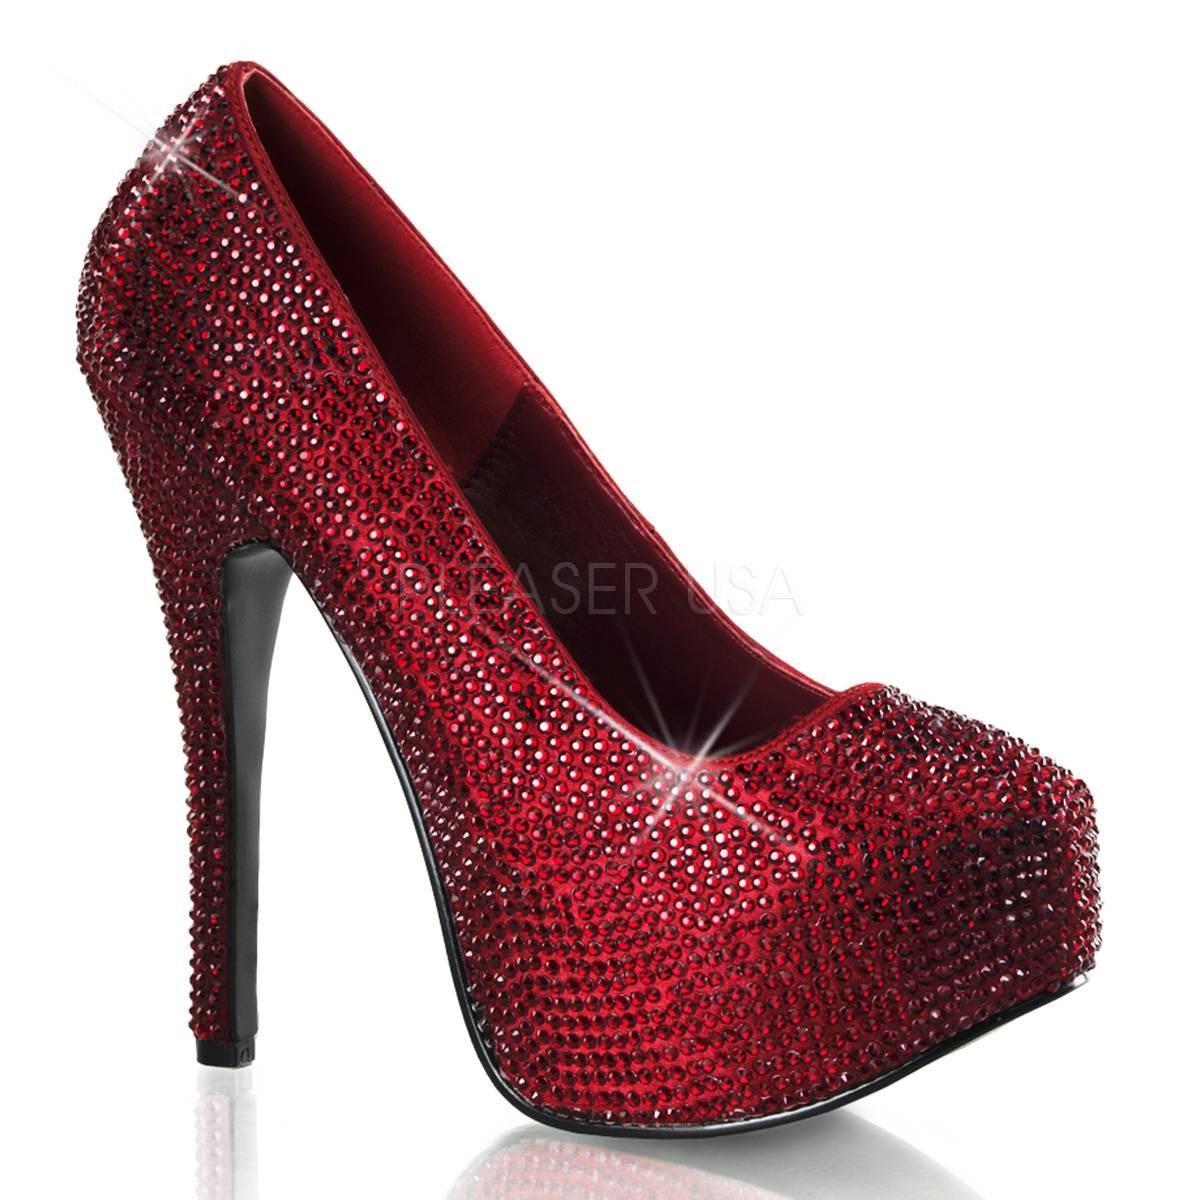 Highheels für Frauen - TEEZE 06R ° Damen Pumps ° Rot Satin ° Bordello  - Onlineshop RedSixty